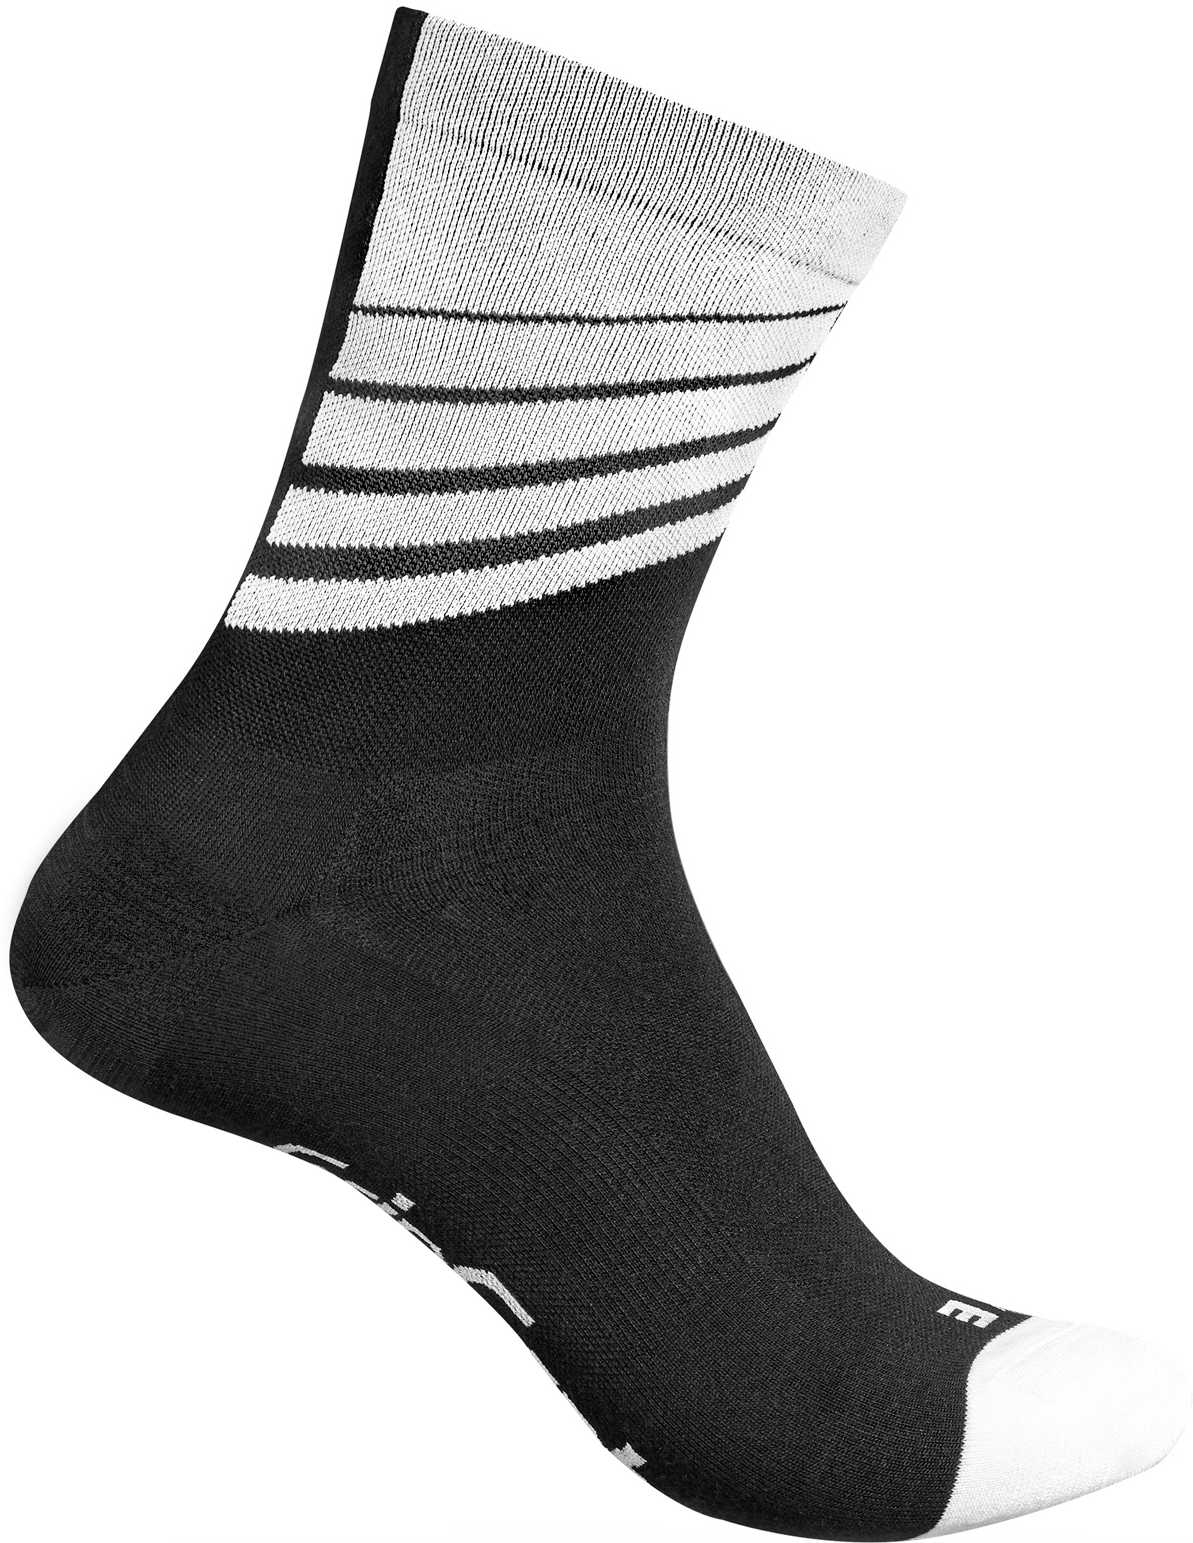 Strømper GripGrab Racing Stripes sort/blå   Socks